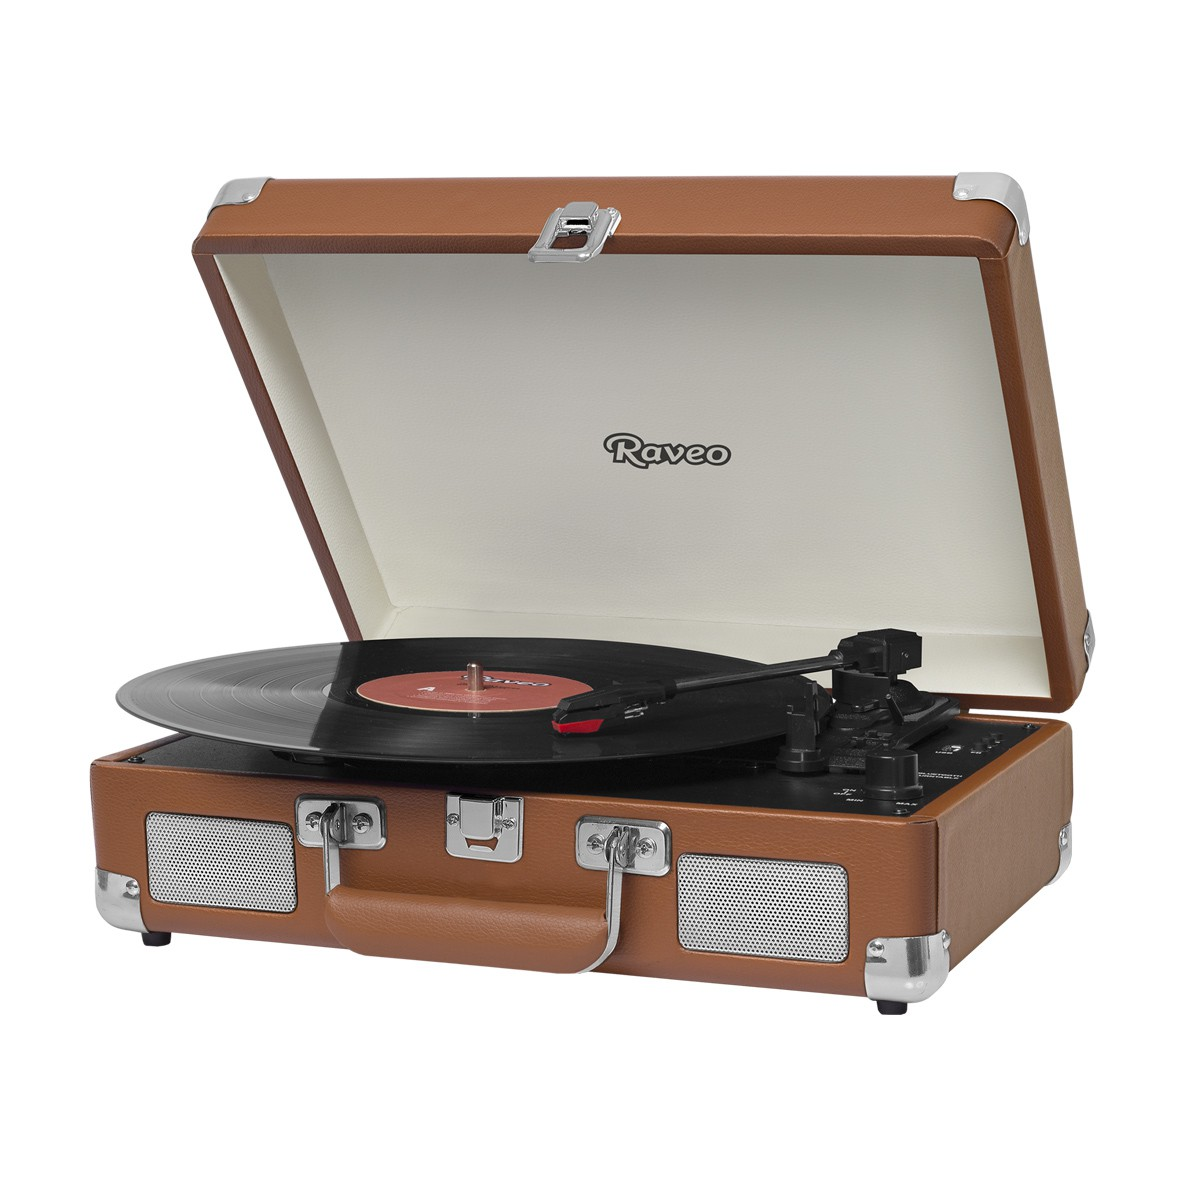 Vitrola Retrô Raveo Sonetto Chrome Brown, Toca Discos, Entrada USB, Bluetooth, Reproduz e Grava Vinil